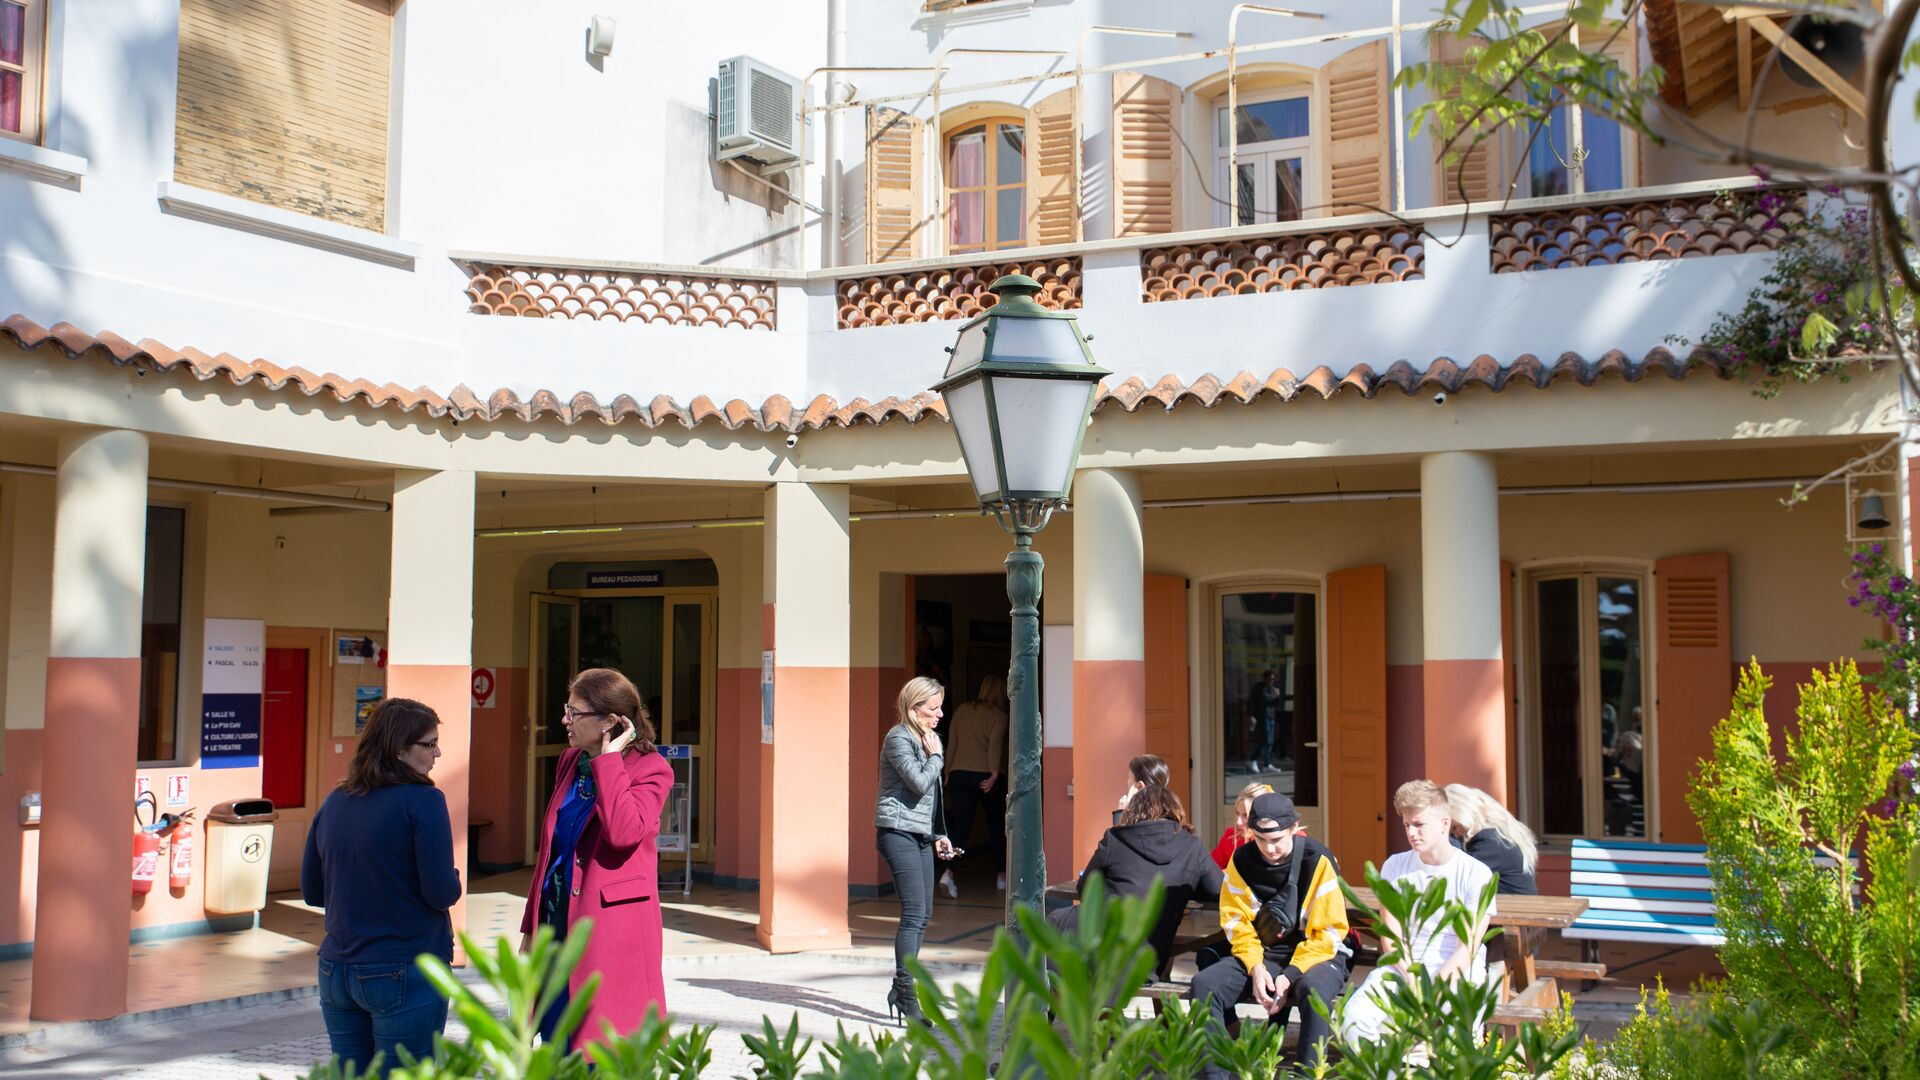 Sprachaufenthalt Sprachreise Französisch Frankreich in Cannes College International